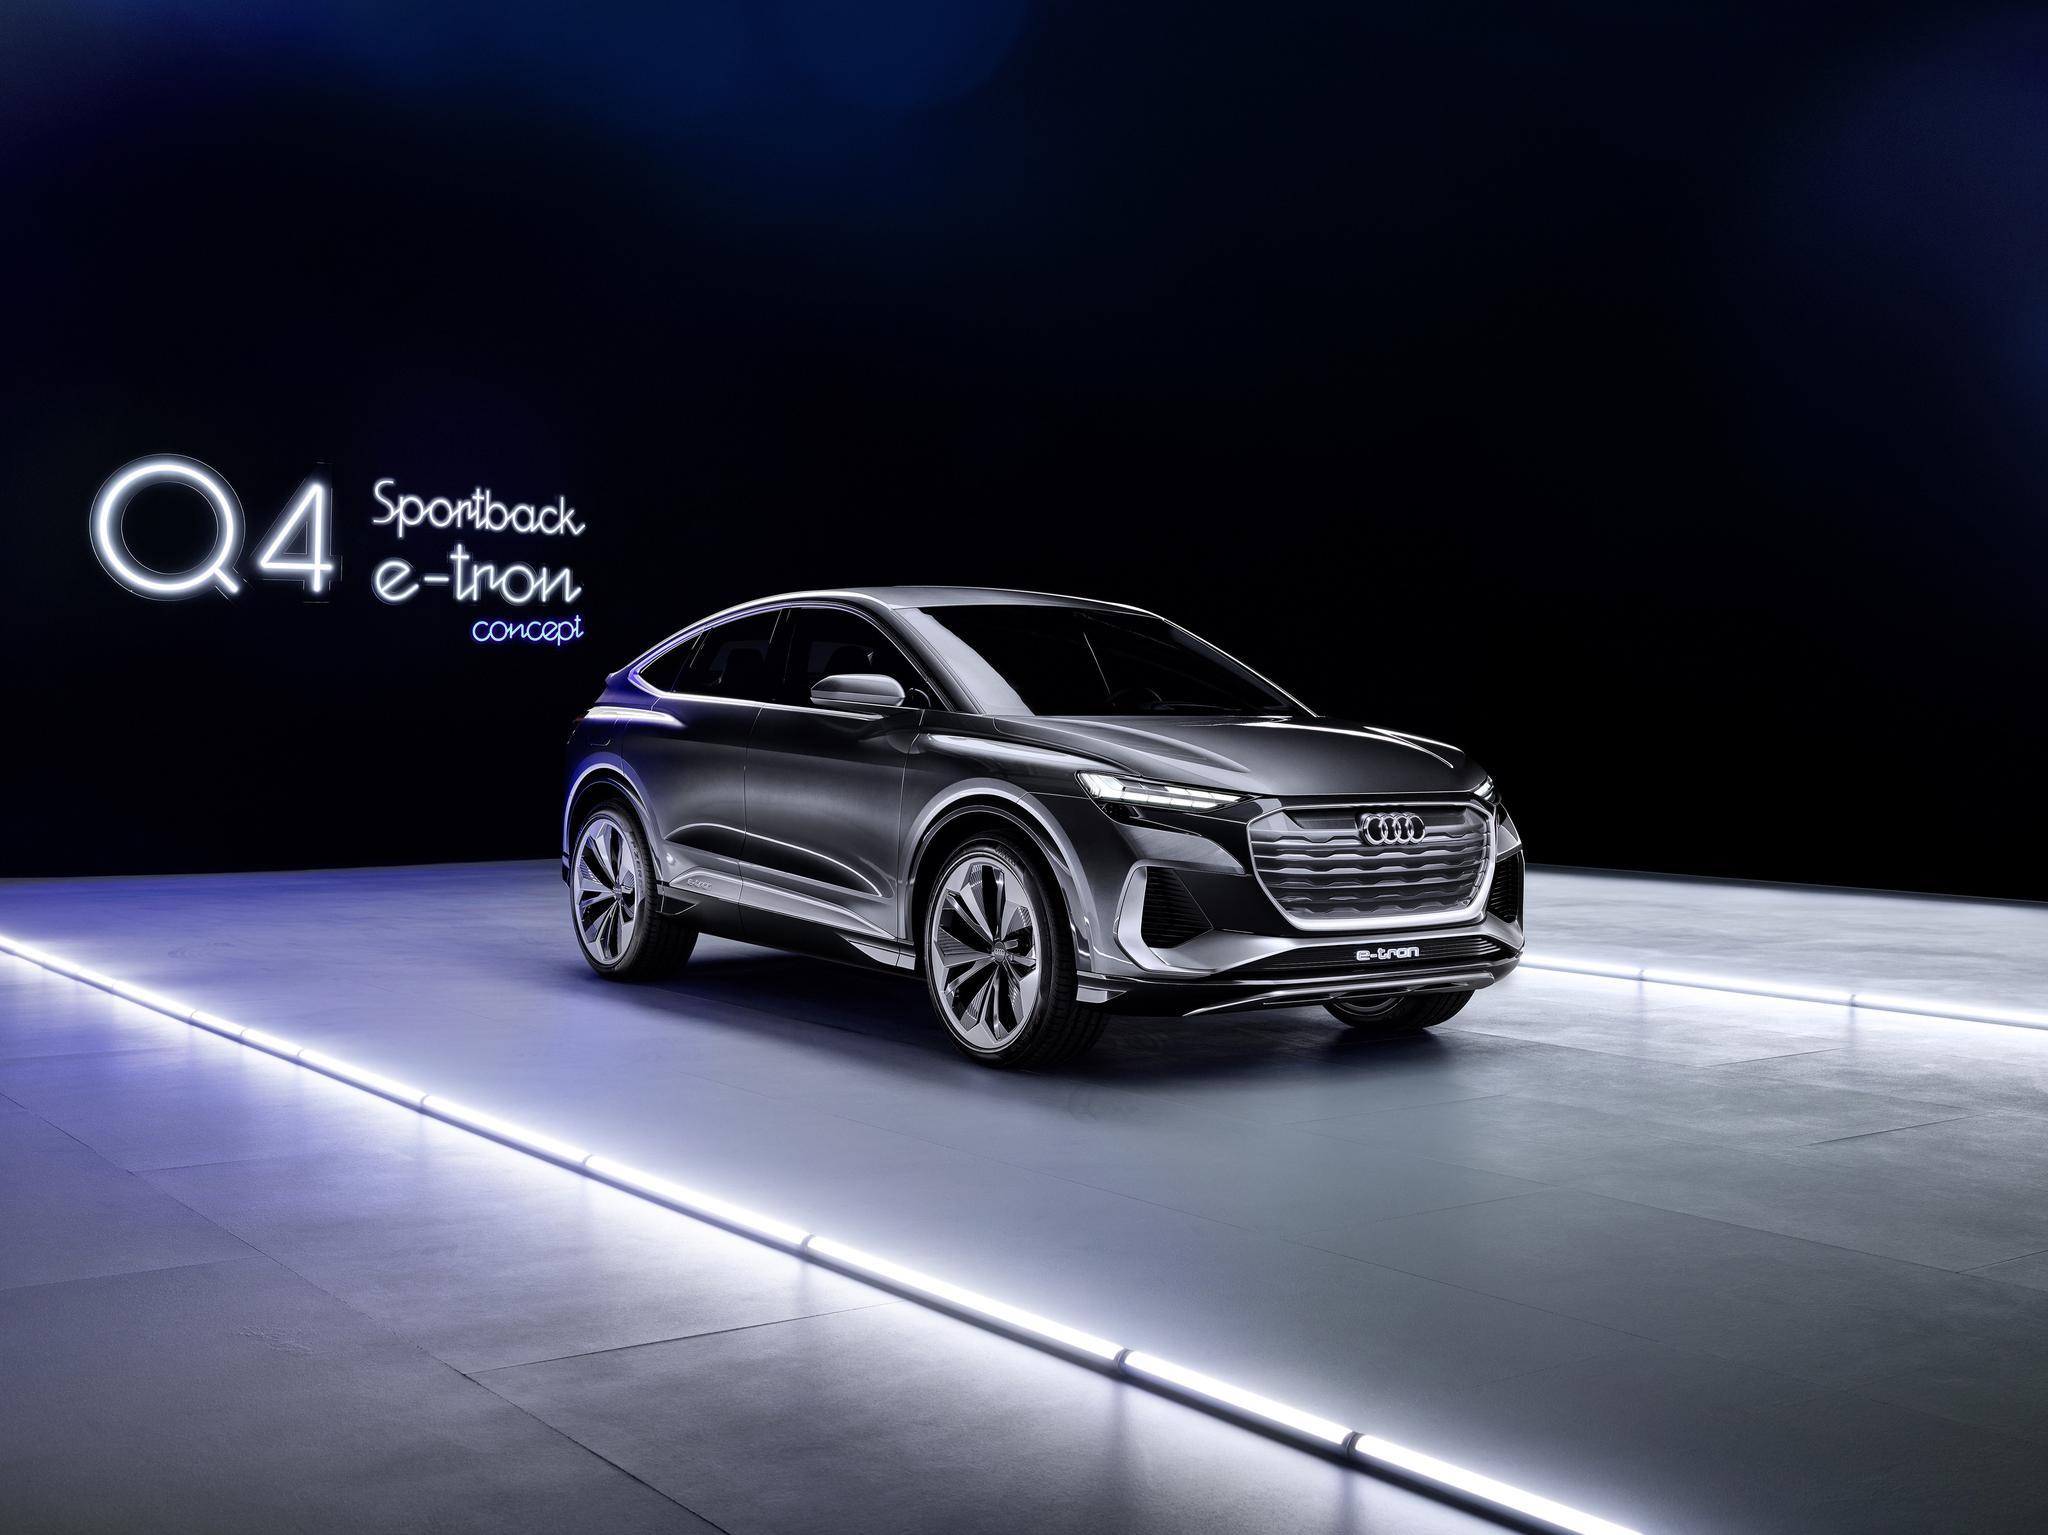 Q4 e-tron将成为奥迪家族第七款电动车?|新车